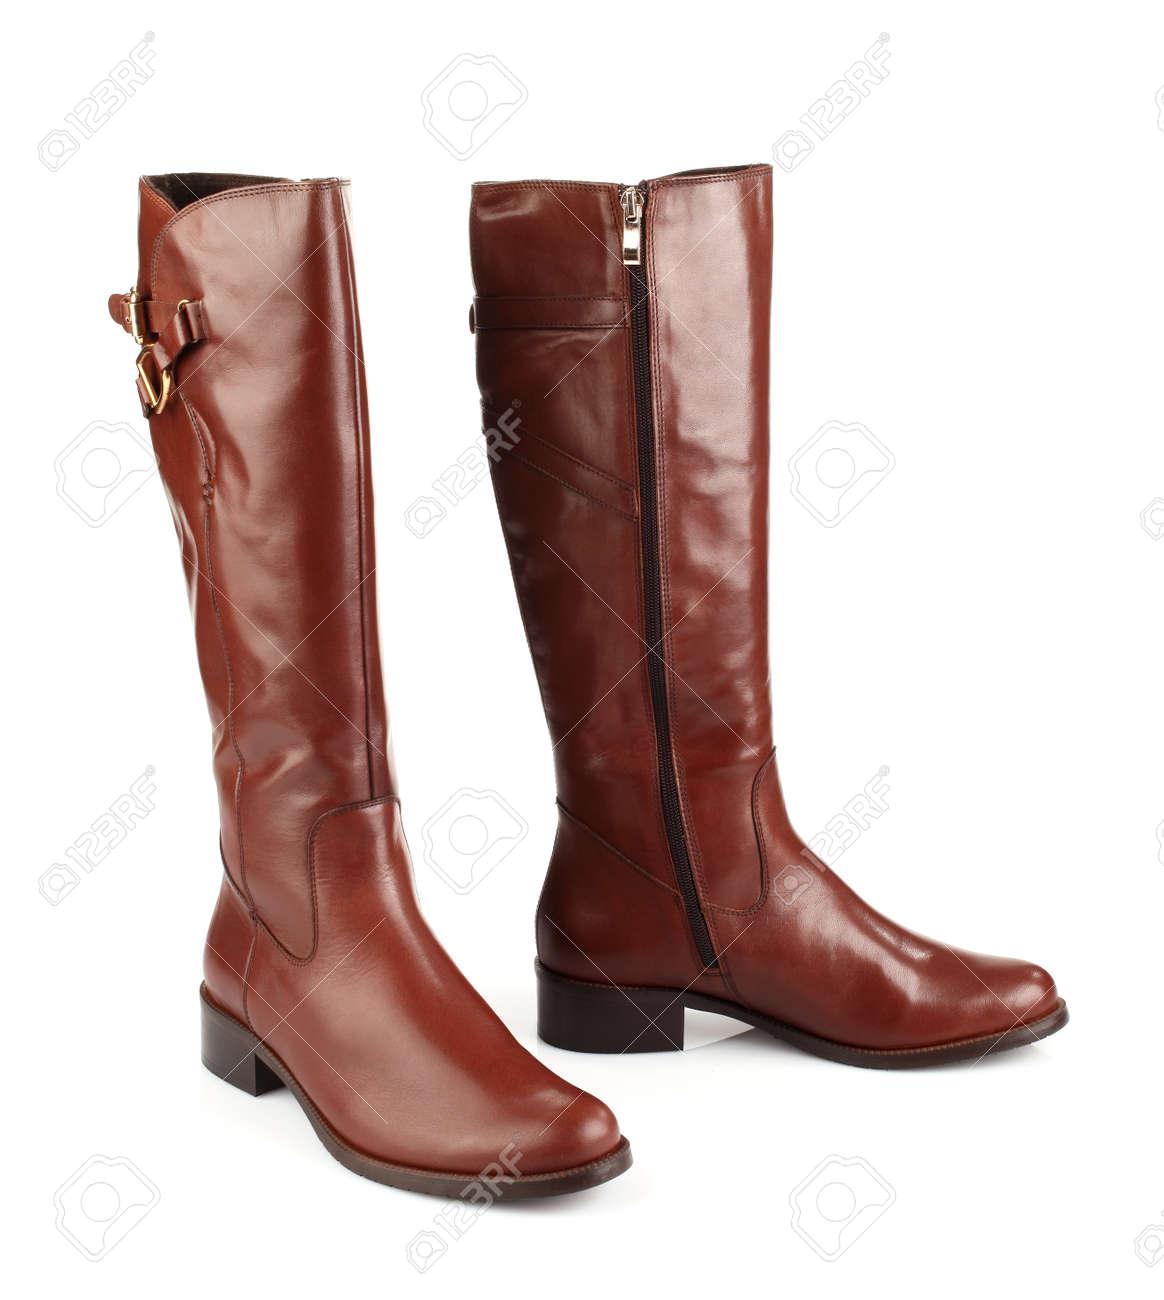 2019 mejor venta grandes ofertas 2017 nueva colección Botas de mujer de color marrón aisladas sobre fondo blanco